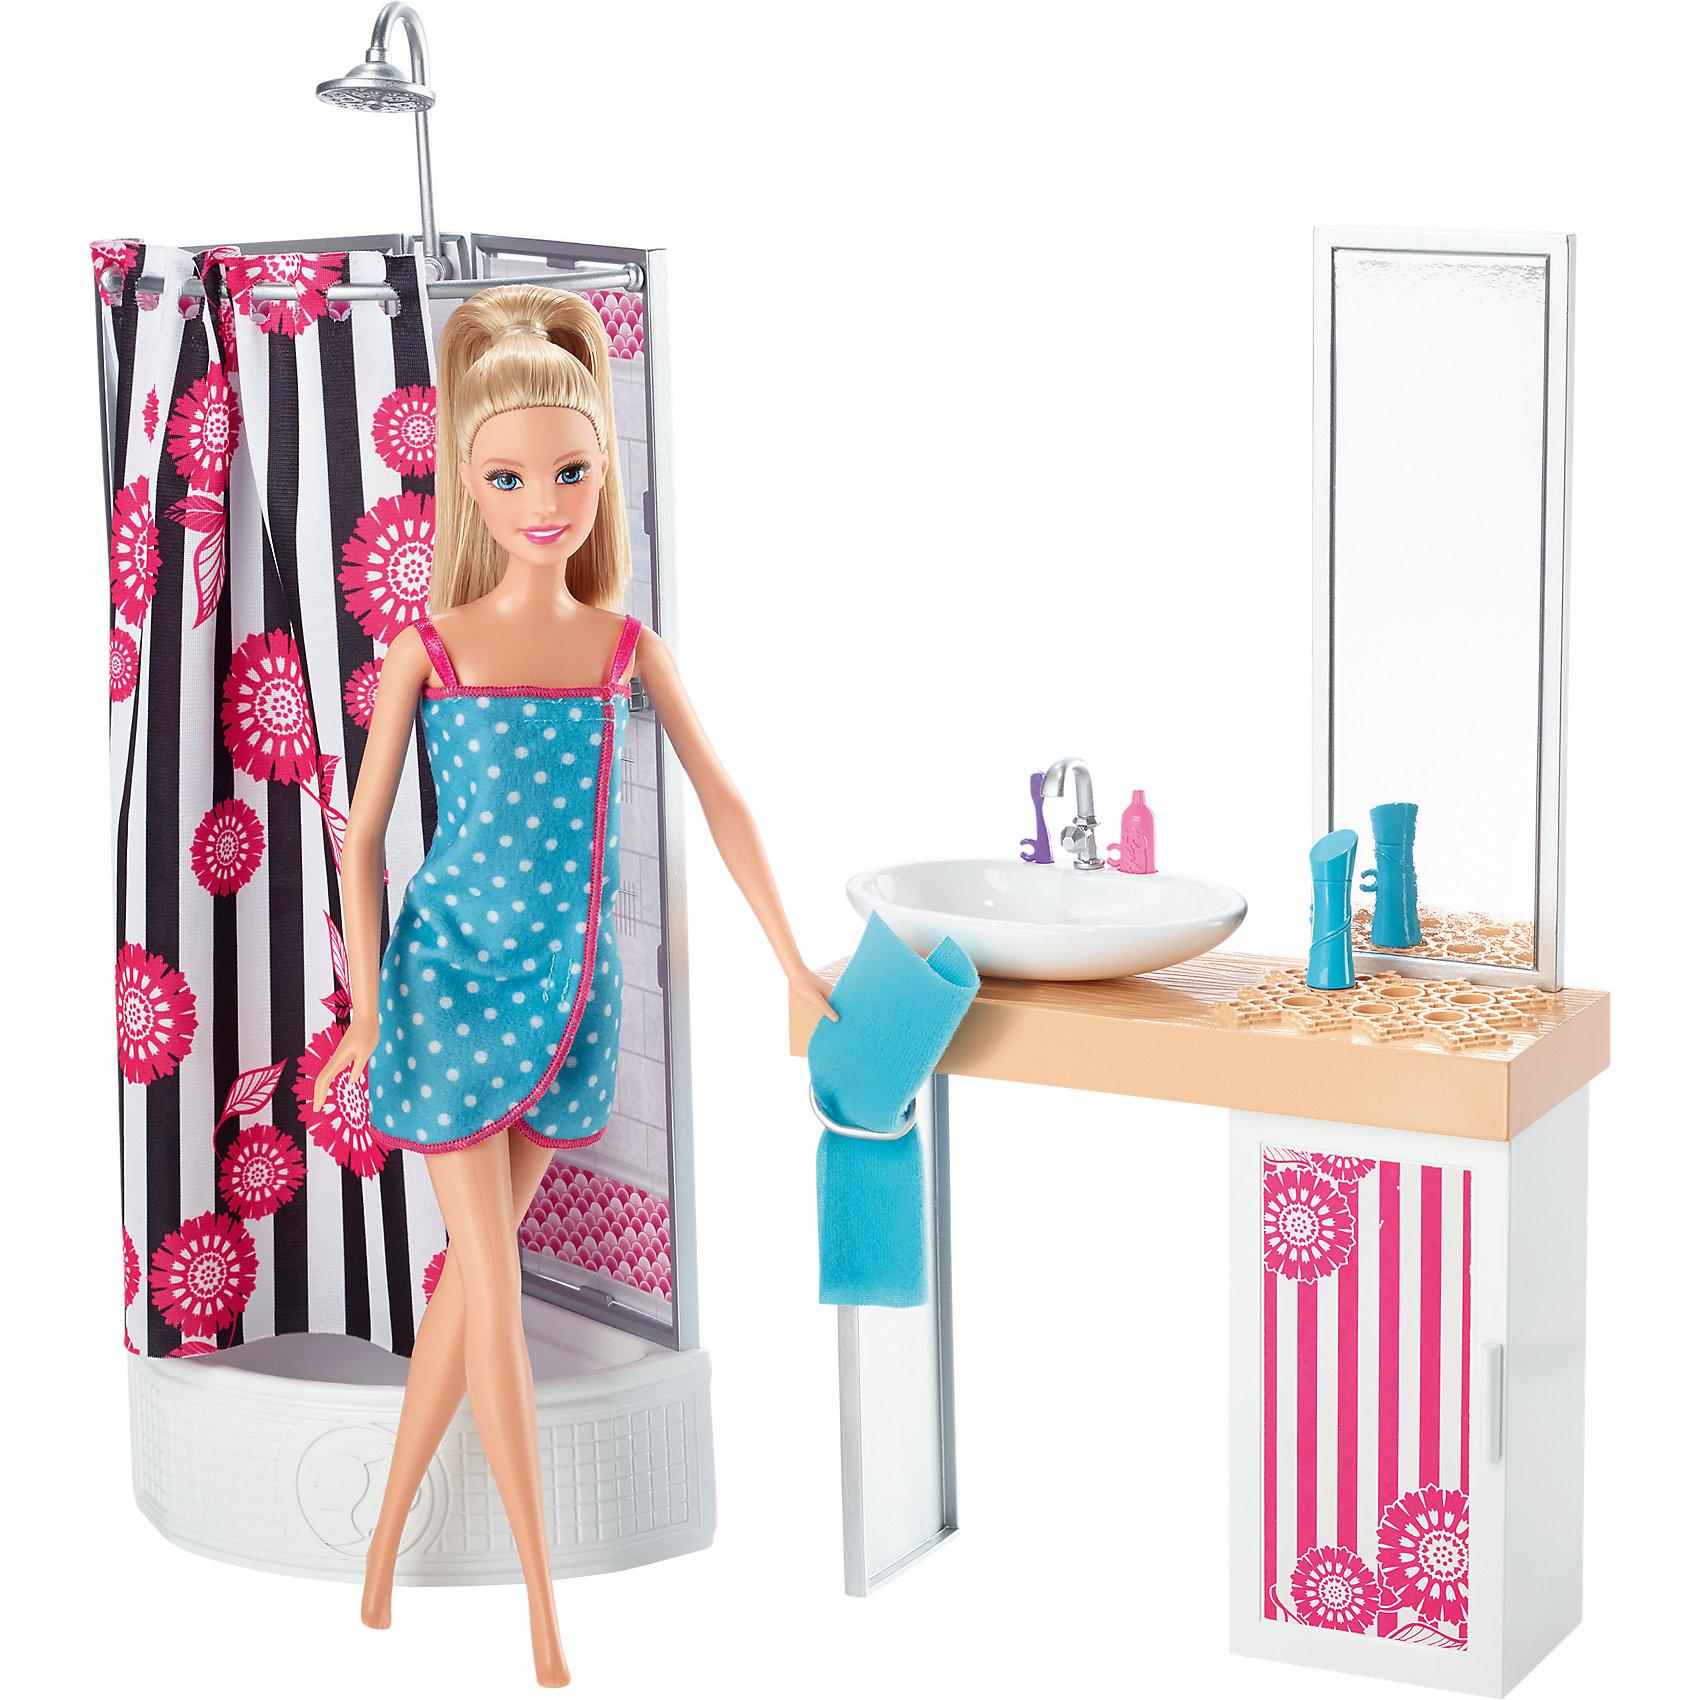 Кукла + Комплект мебели Роскошная ванная, Barbie<br><br>Ширина мм: 335<br>Глубина мм: 329<br>Высота мм: 119<br>Вес г: 738<br>Возраст от месяцев: 36<br>Возраст до месяцев: 96<br>Пол: Женский<br>Возраст: Детский<br>SKU: 3939440